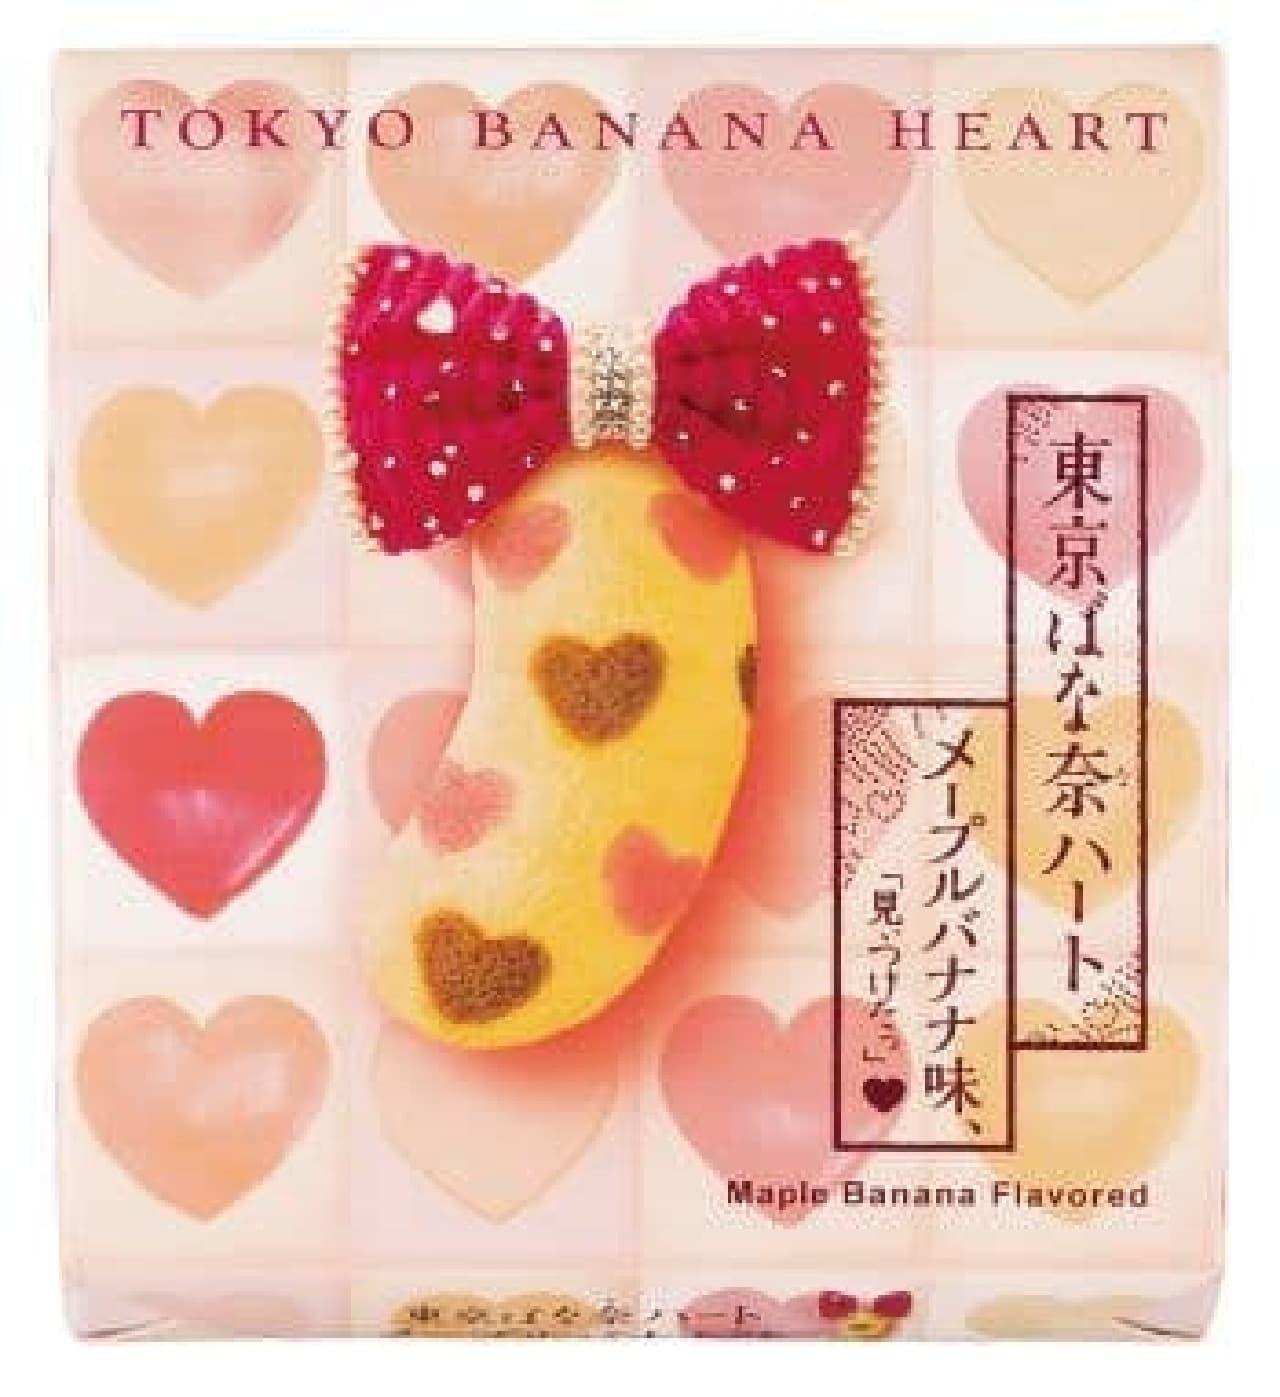 「東京ばな奈ハート メープルバナナ味」はハート模様のスポンジケーキでメープルシロップ香るバナナカスタードが包まれたお菓子